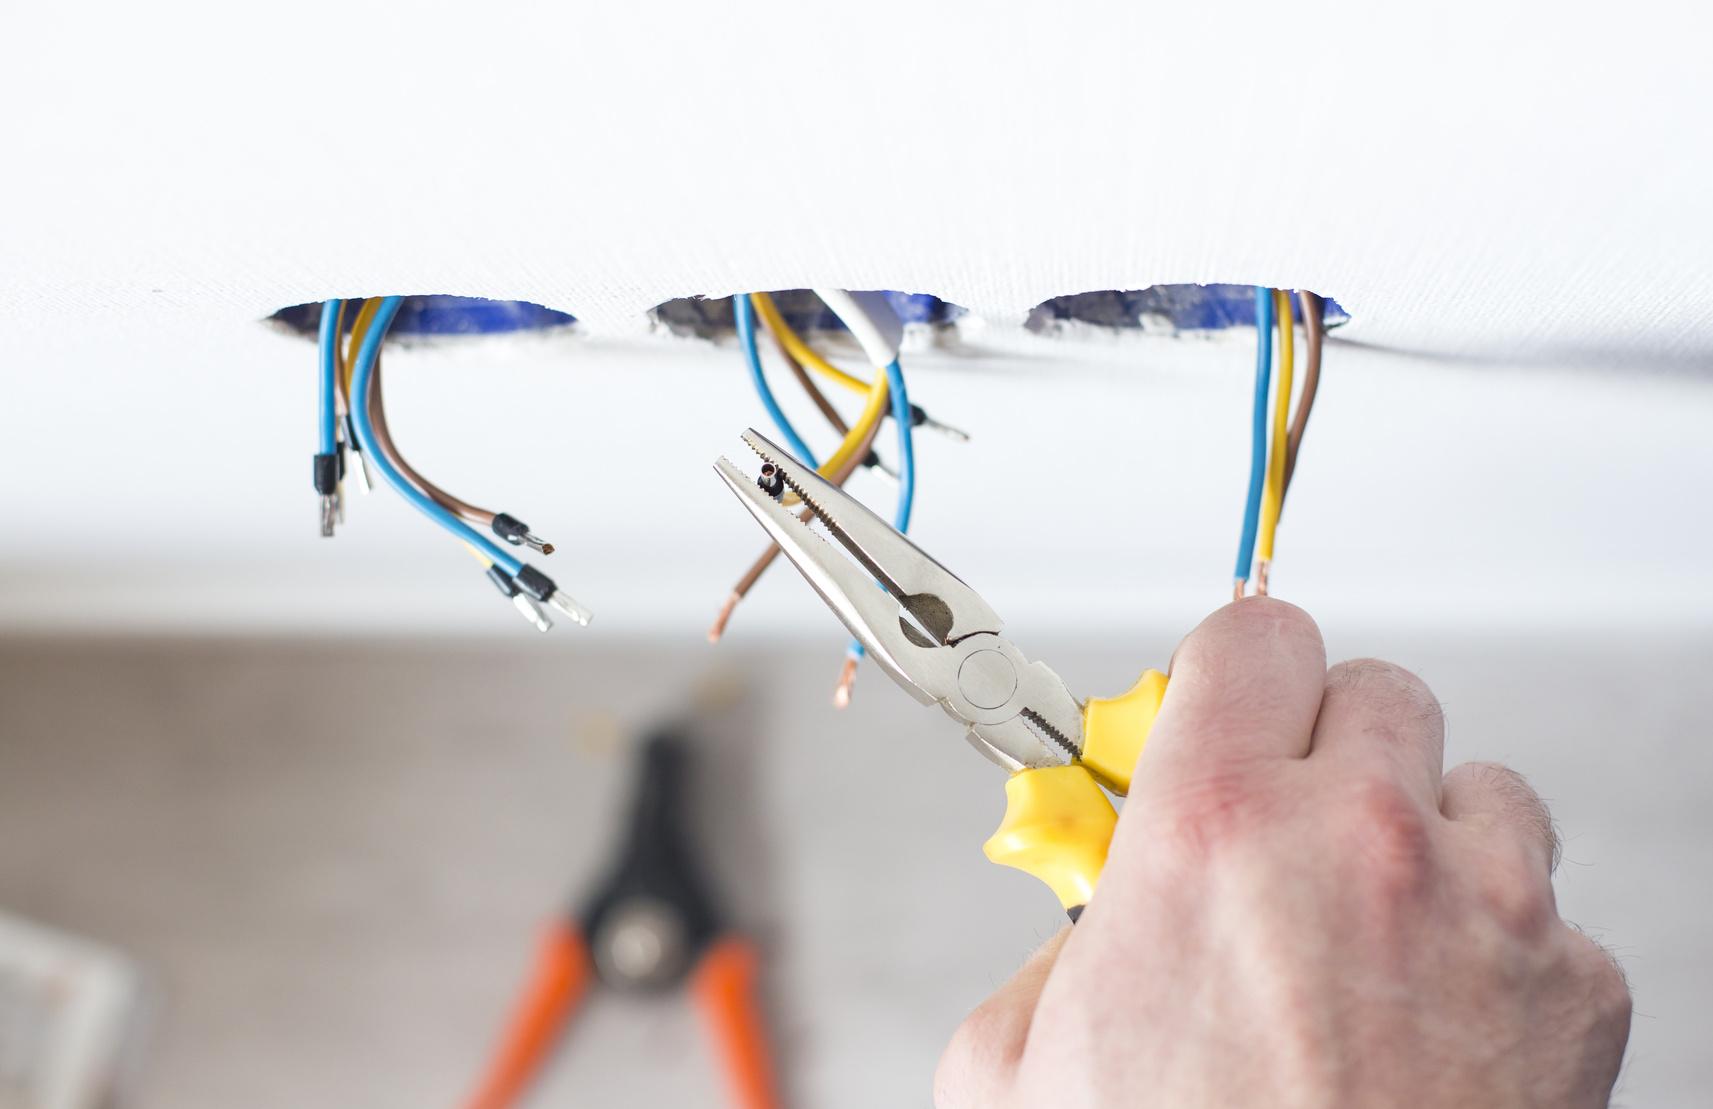 Male hands repair the socket